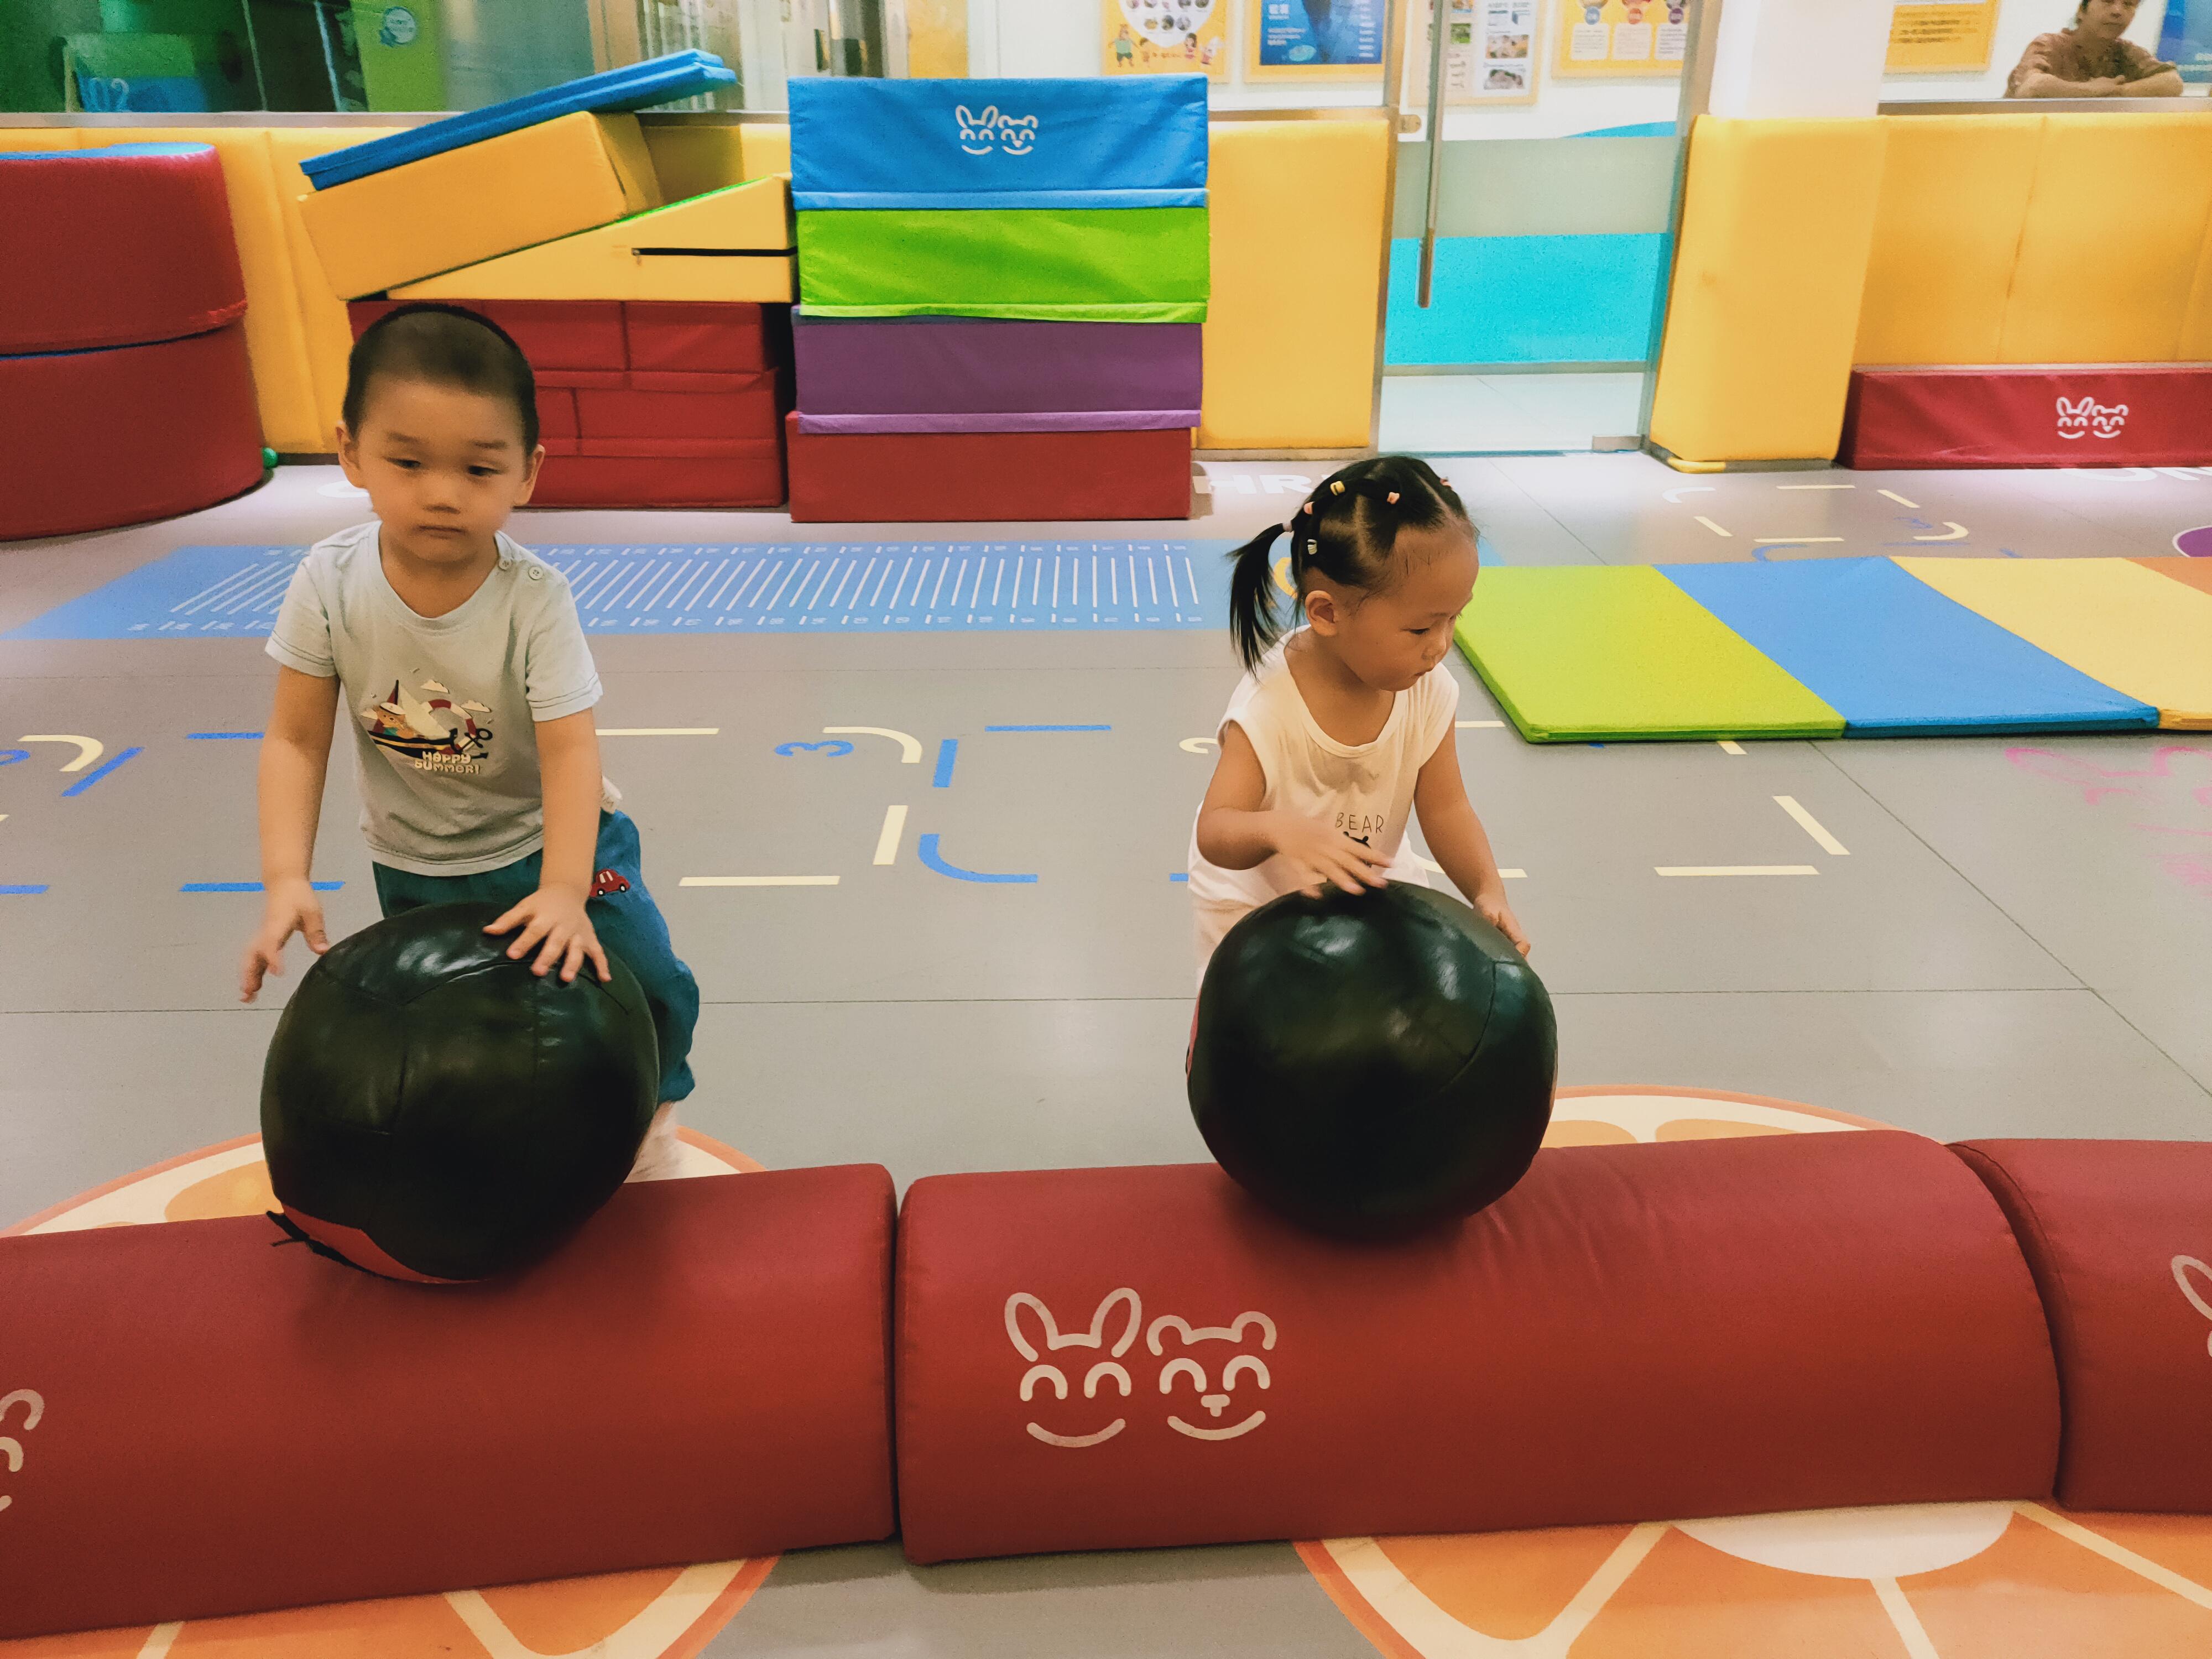 儿童的大运动训练在家如何练习?